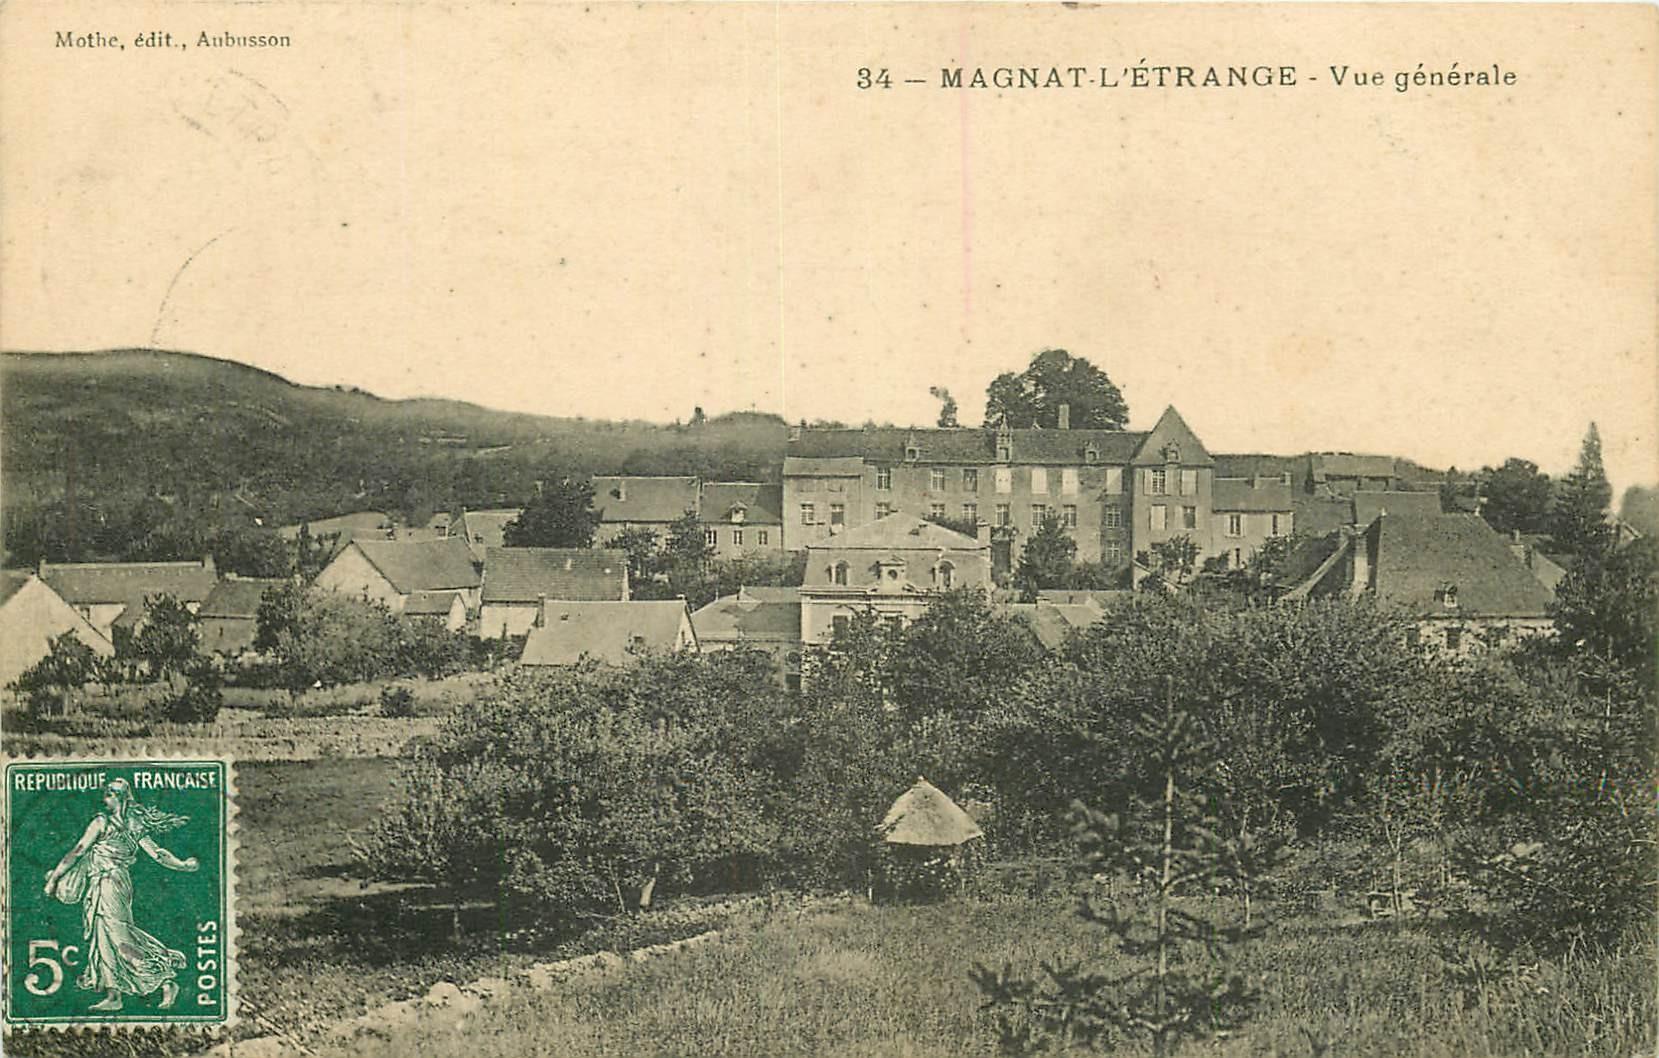 23 MAGNAT-L'ETRANGE. Le Village 1908